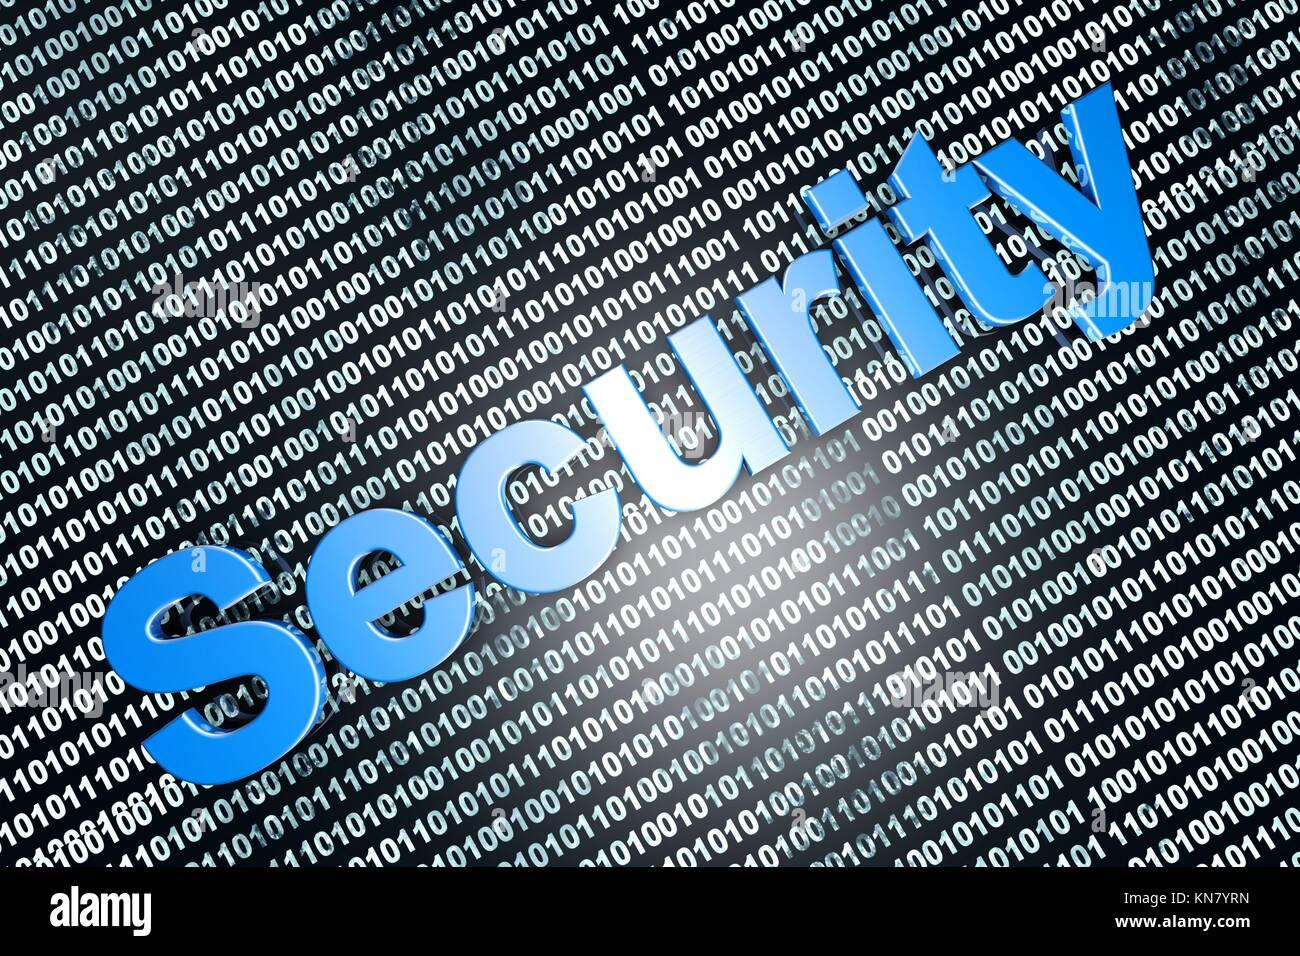 Secure digital data. 3D Illustration. - Stock Image